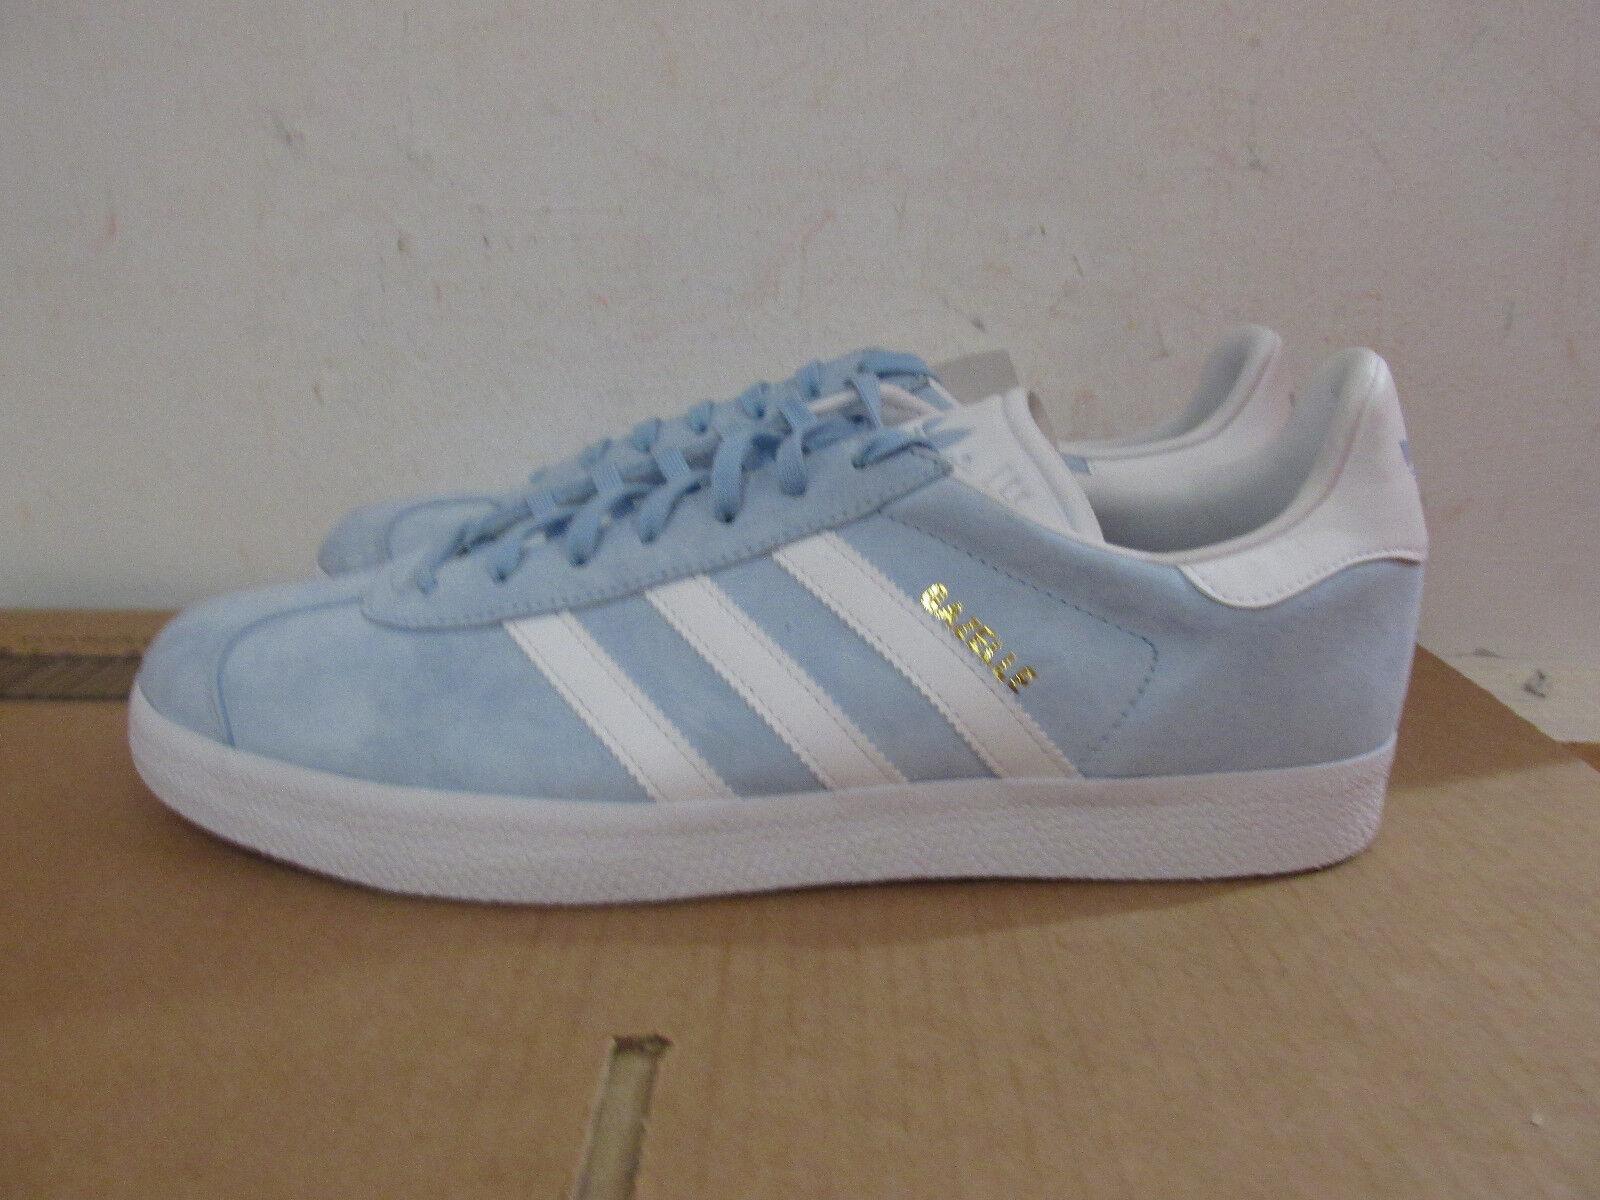 Zapatos de mujer baratos zapatos de mujer Adidas Gazelle BB5481 para Hombre Tenis Zapatillas de muestra